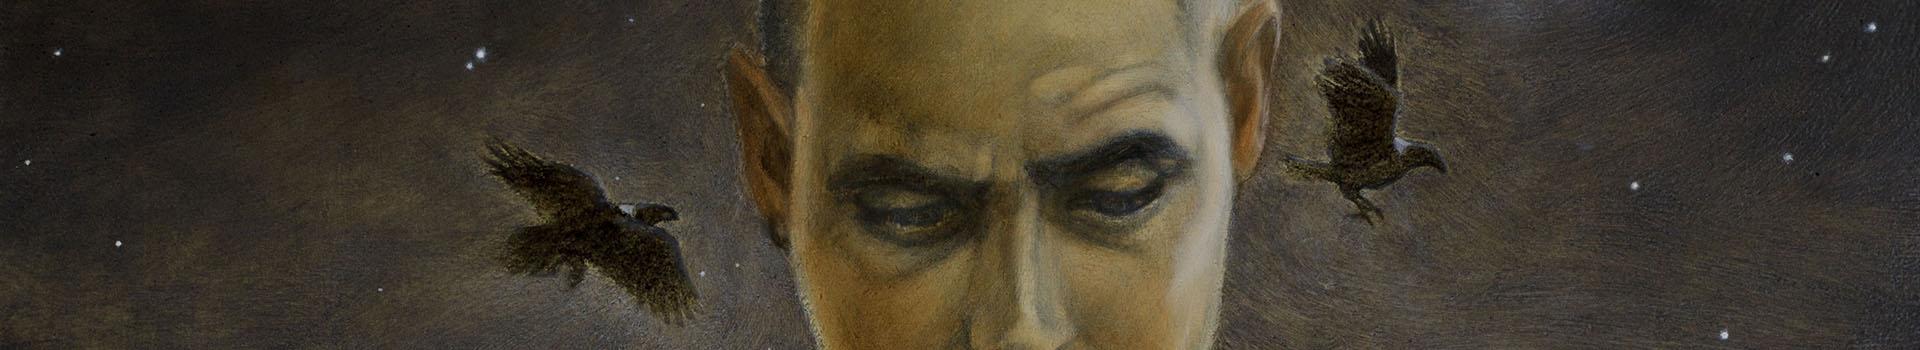 Nigredo, oil on board, Damian Osborne, 2021, ravens, avoiding neurosis as an artist